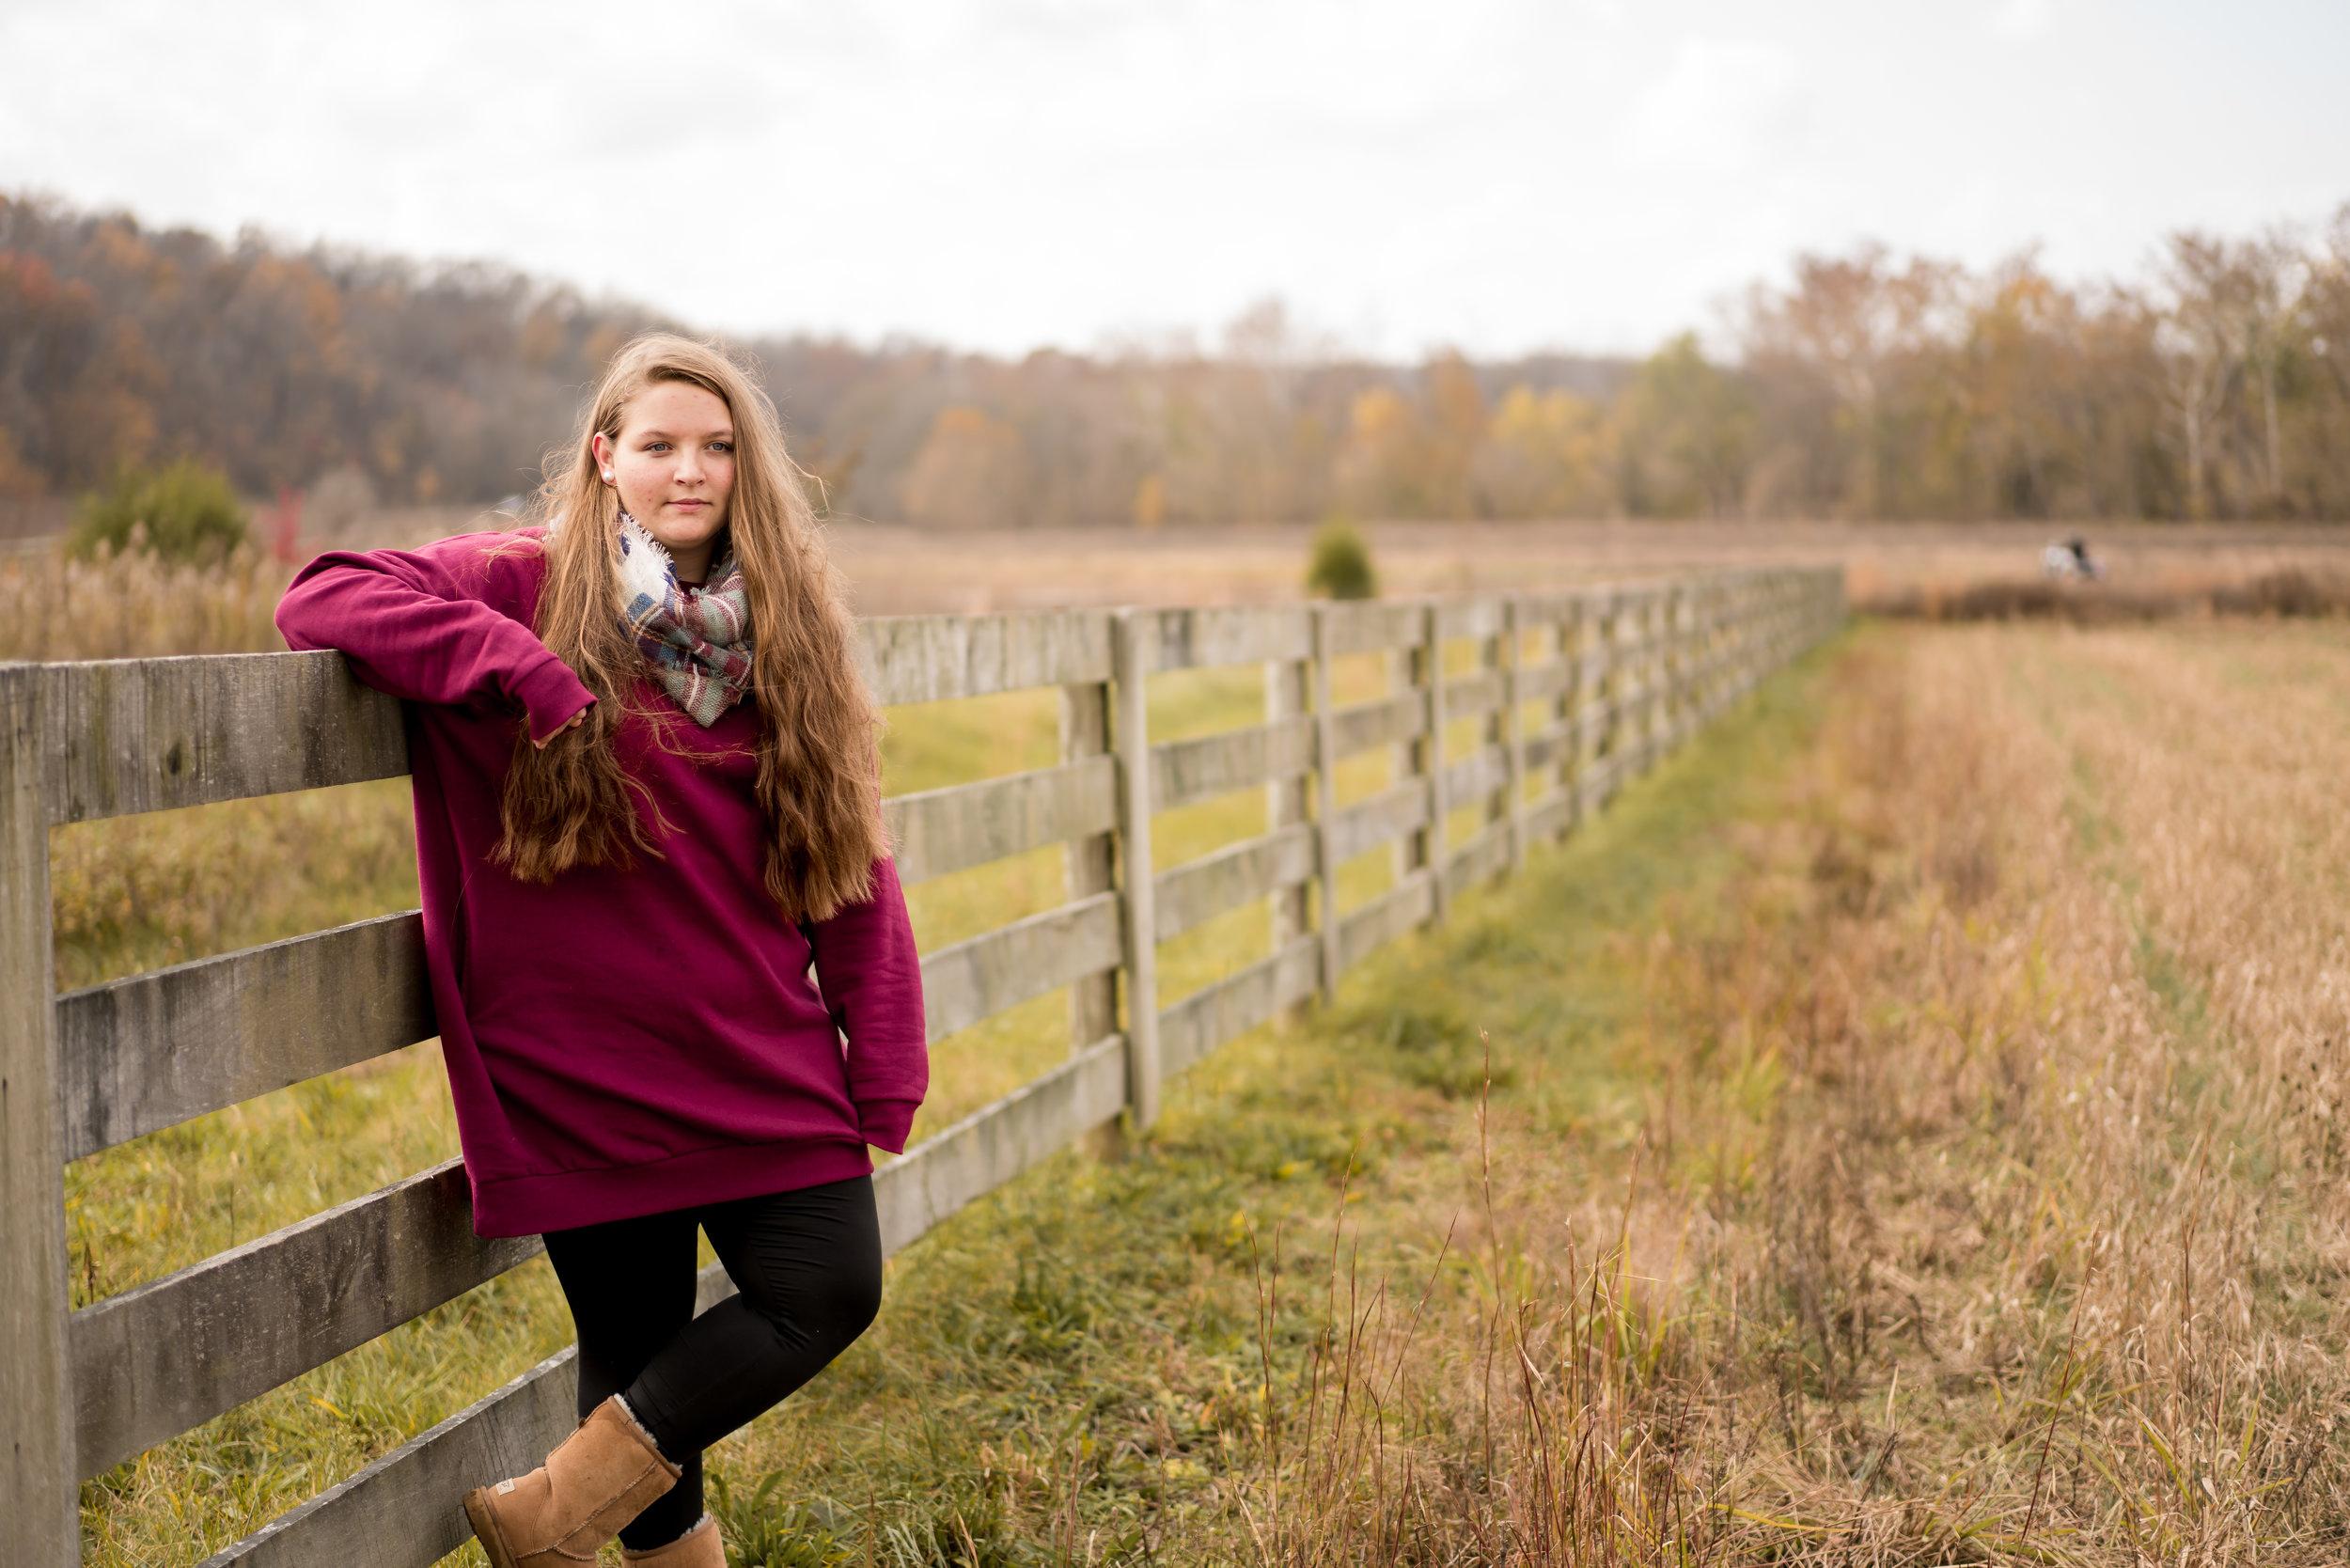 Senior field photo louisville photographer